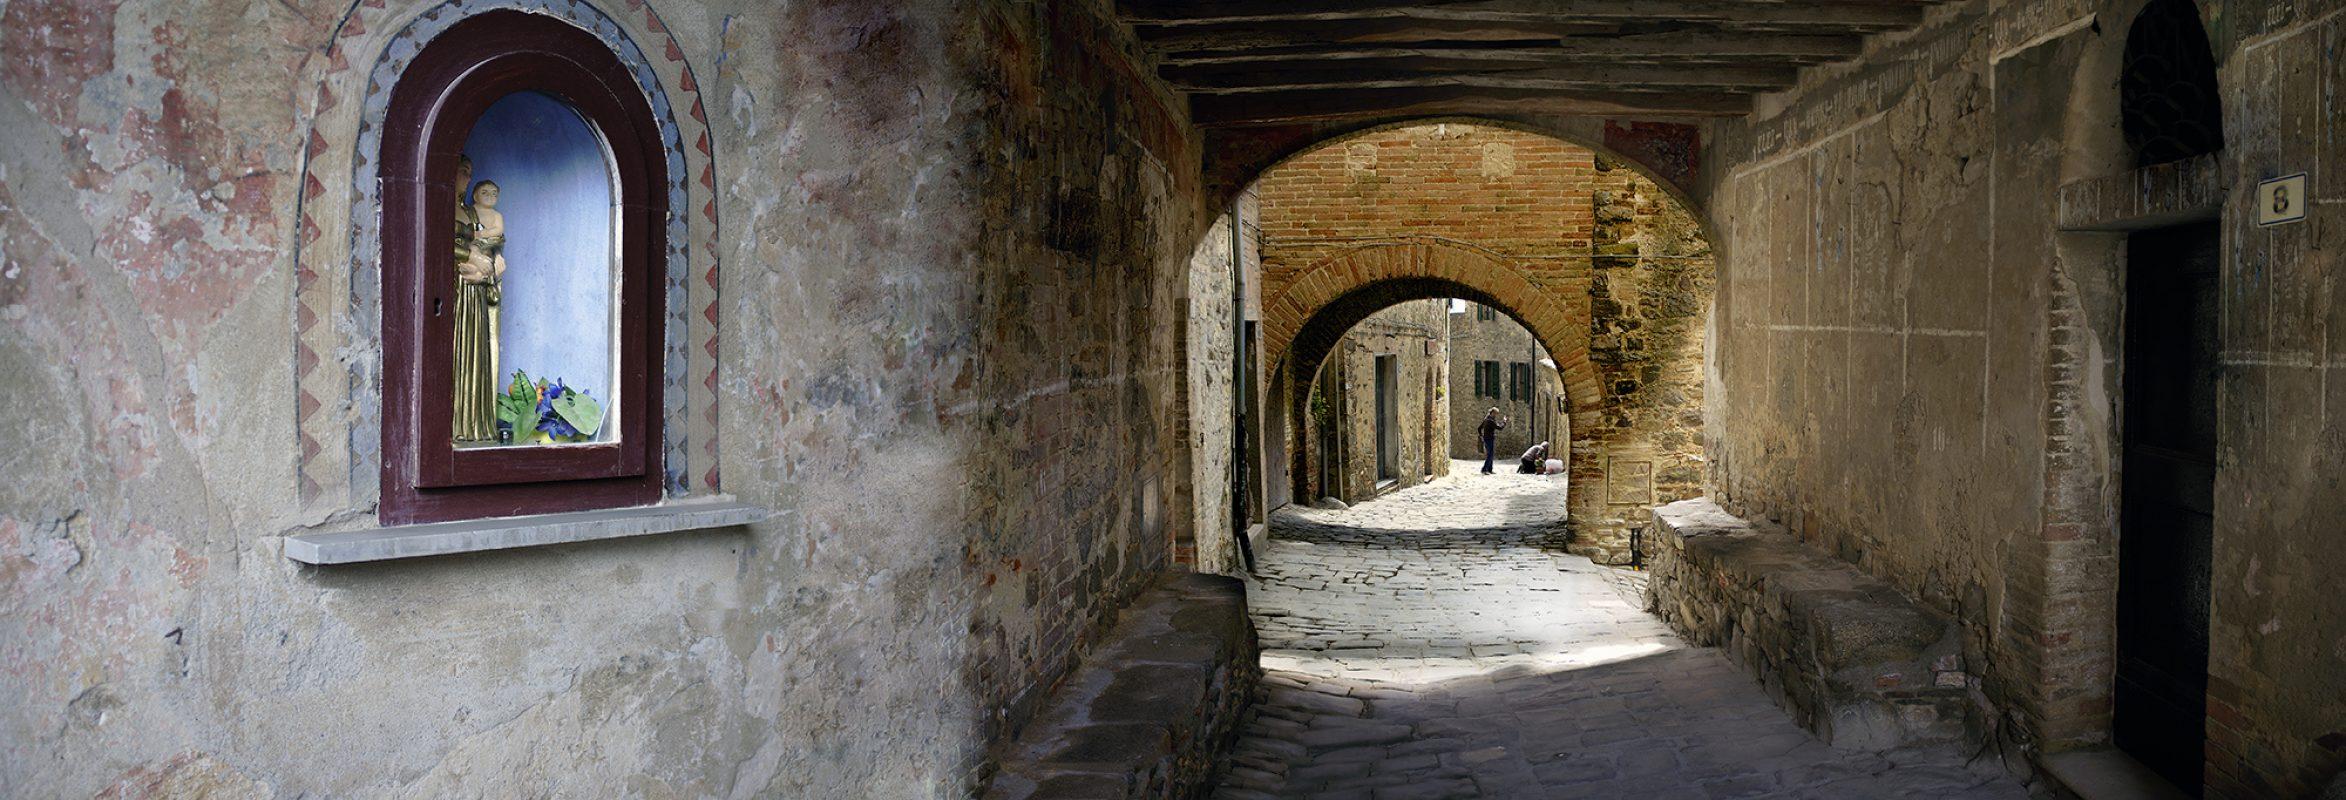 Italien, Toskana, Dorf, Torbogen, Panorama